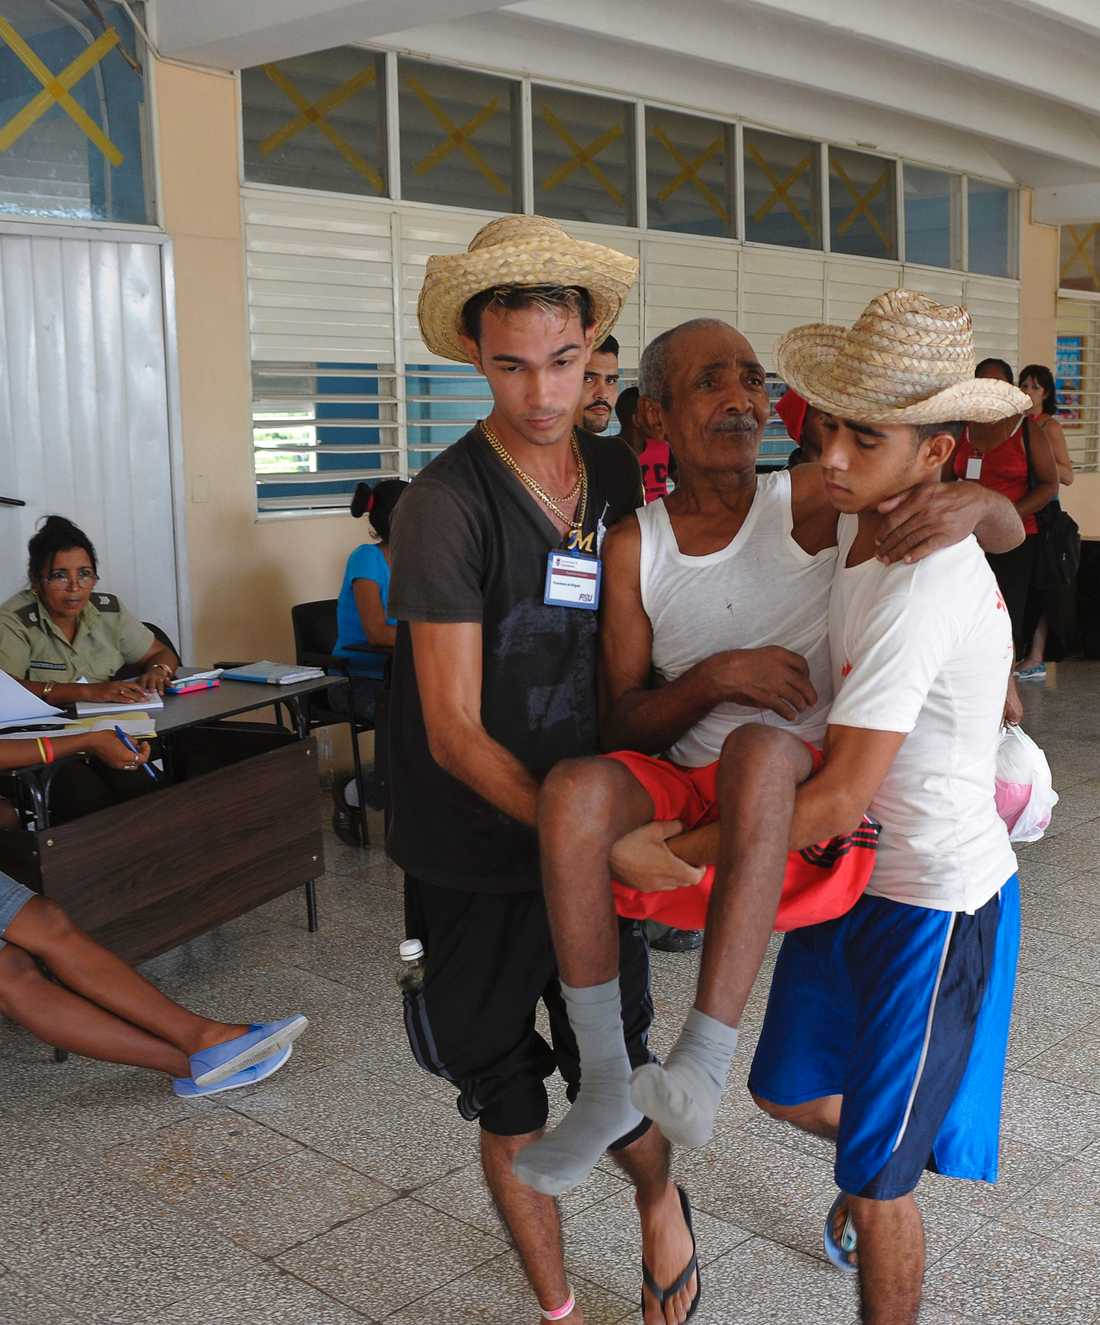 Människor från Guantanamoprovinsen, Kuba evakueras.